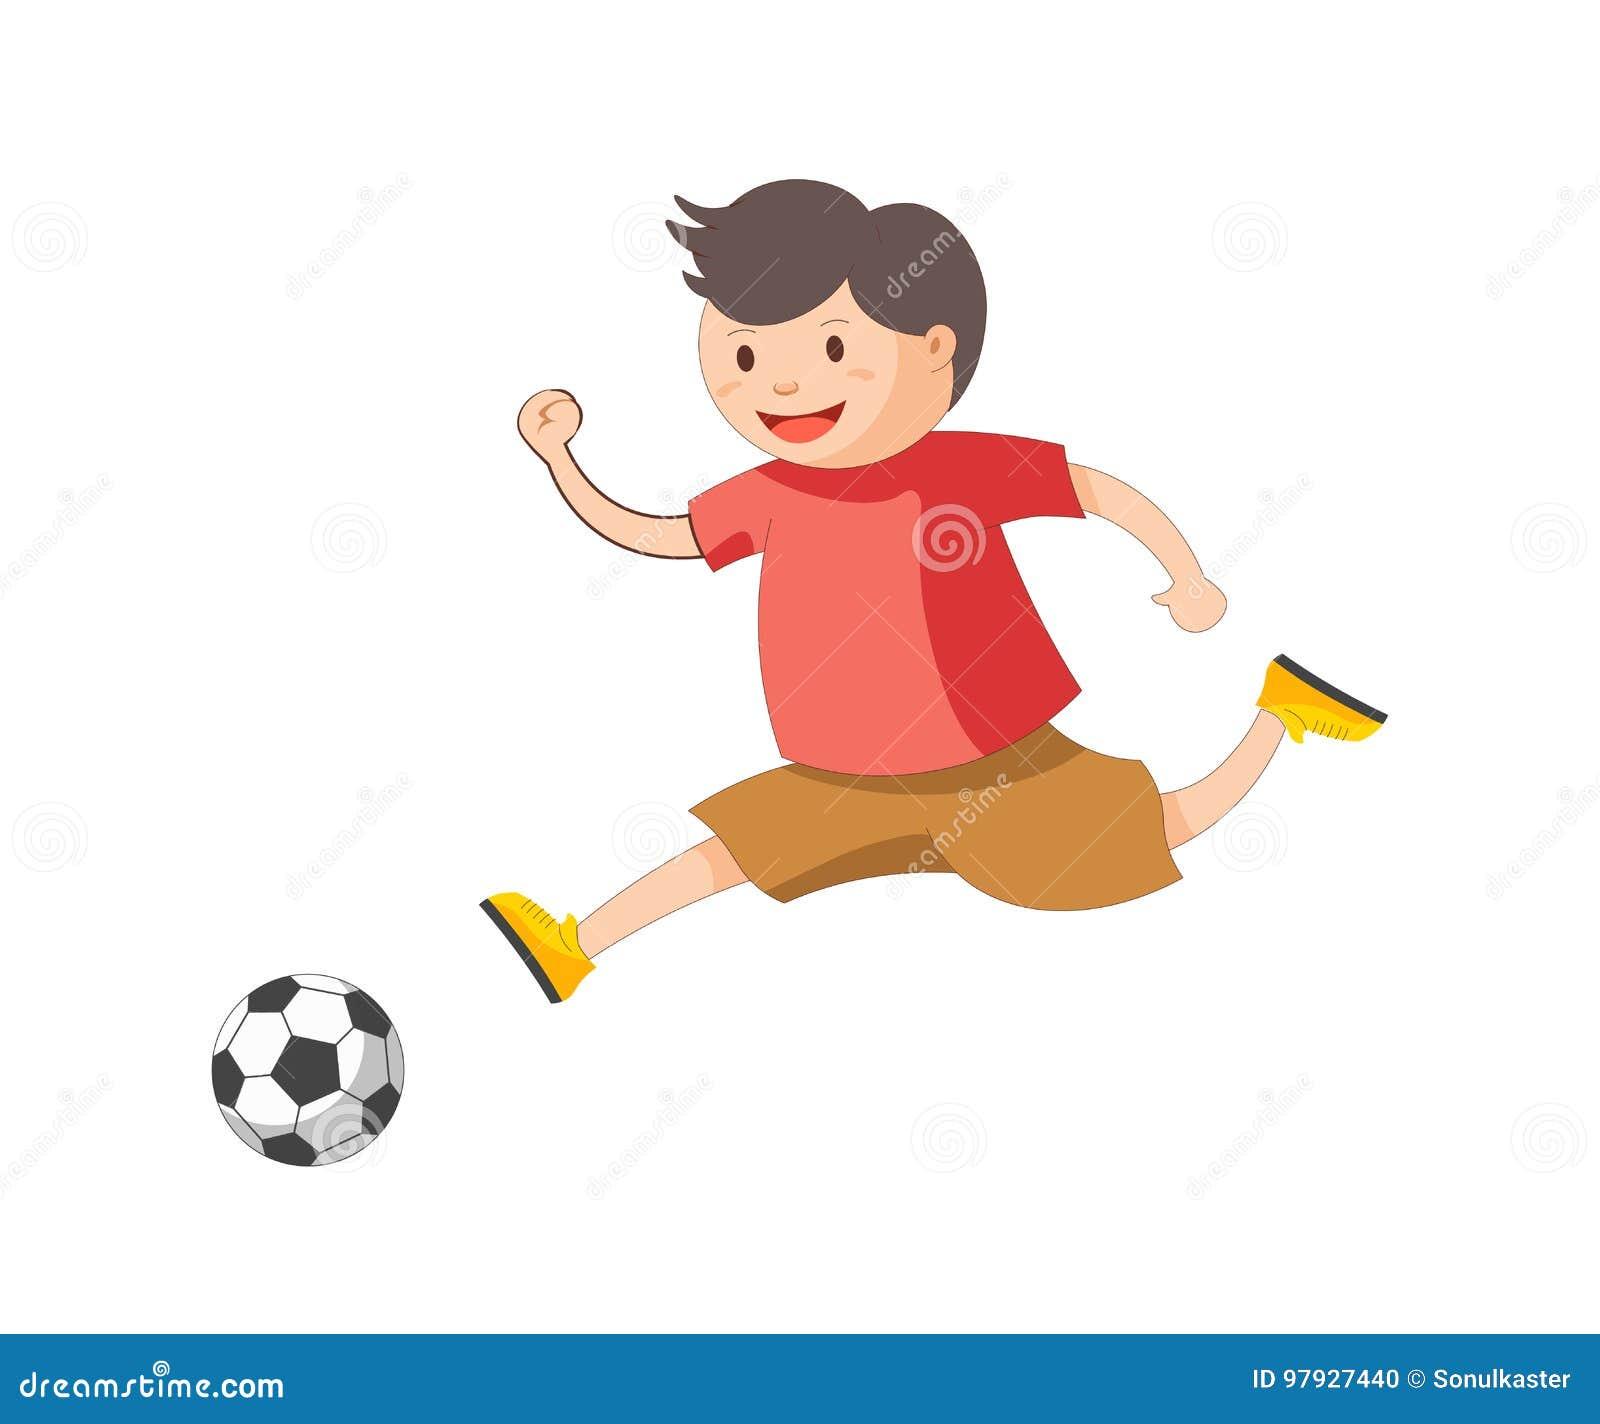 Roliga fotbollsövningar